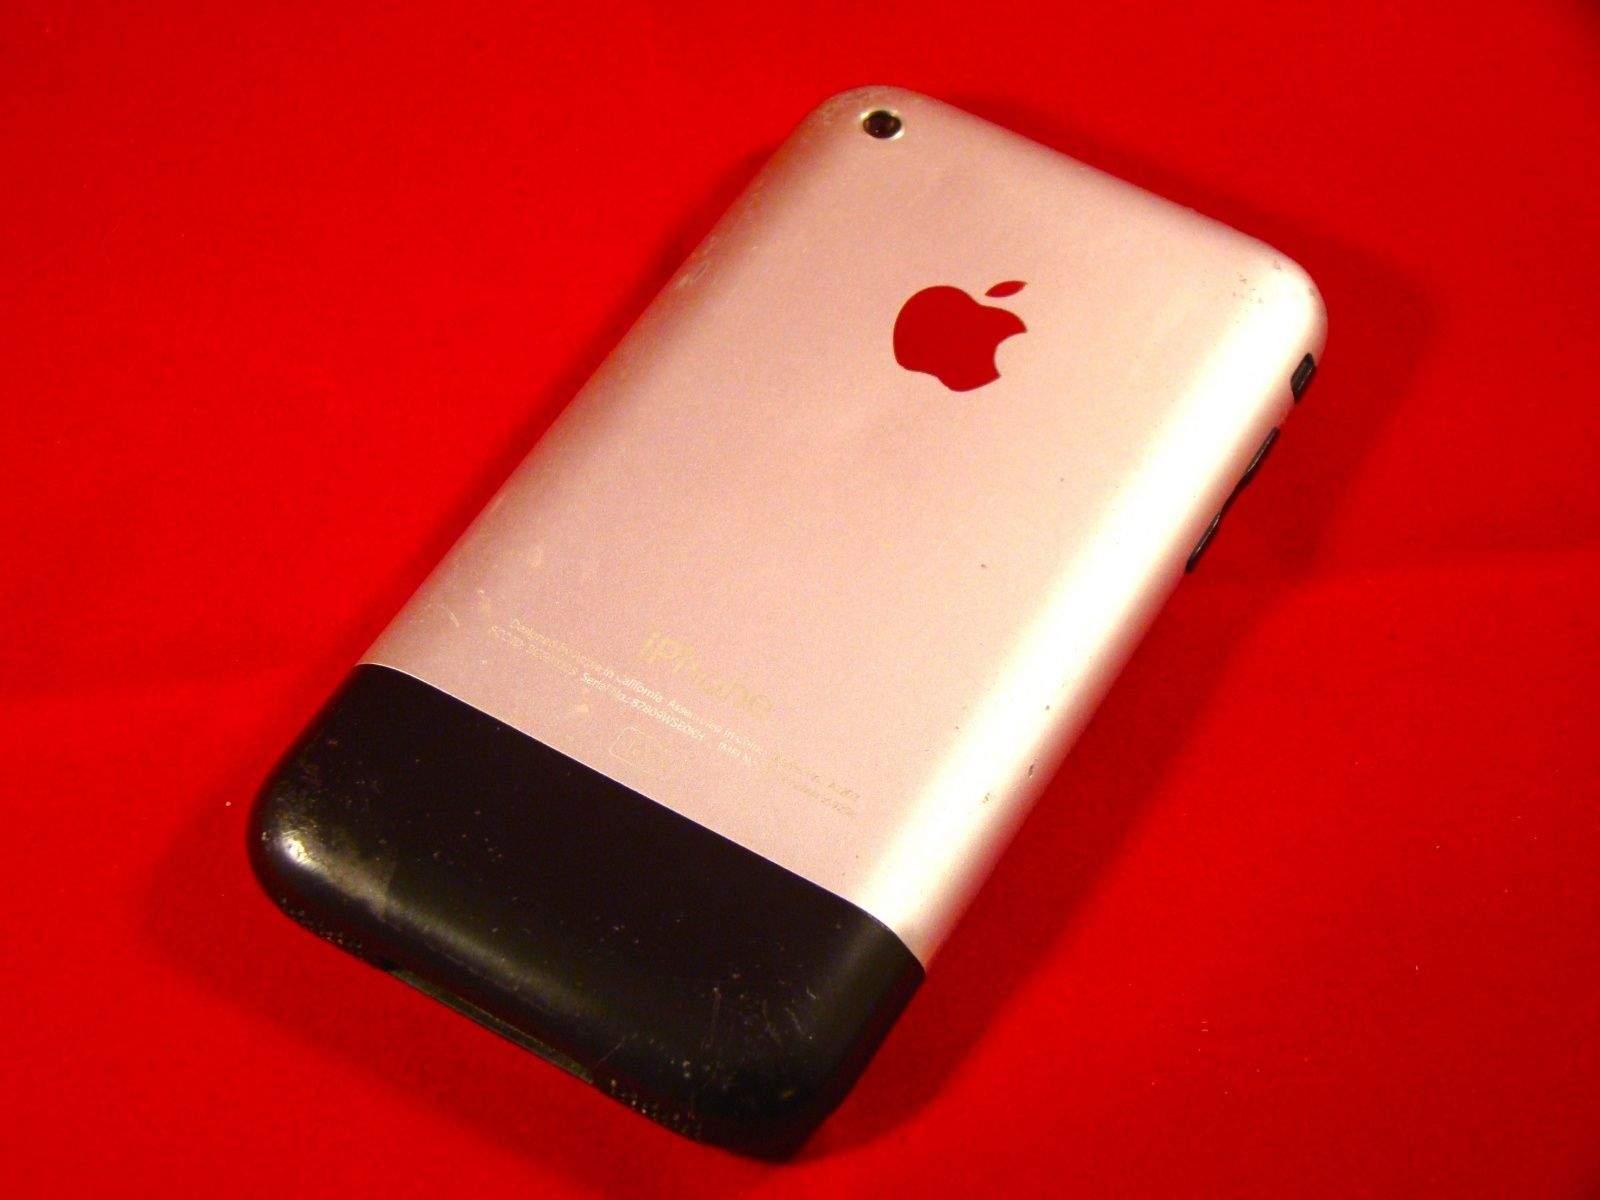 Das Essential Phone bietet eine clevere Möglichkeit ...